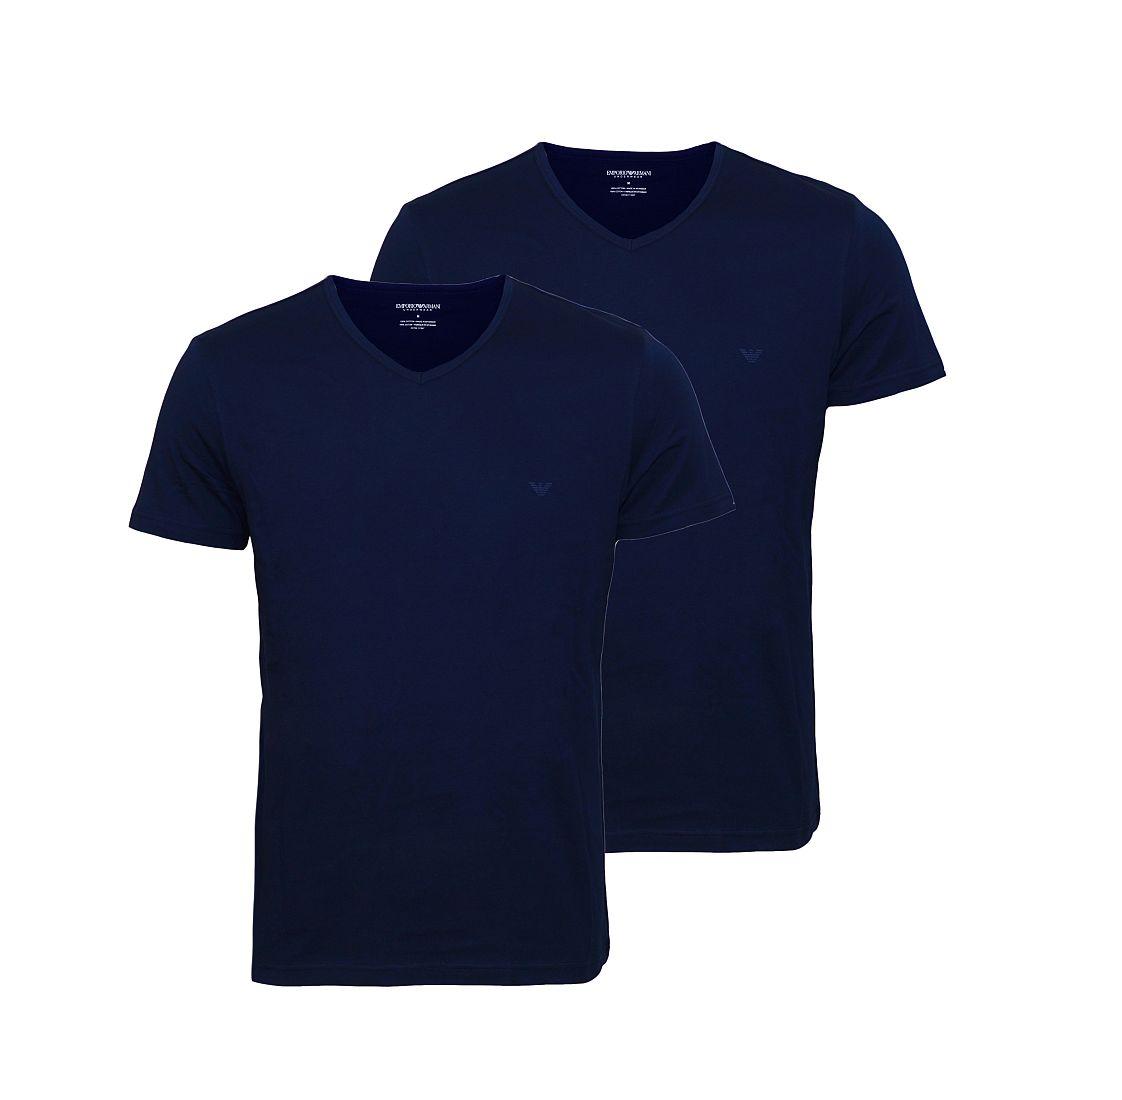 EMPORIO ARMANI 2er Pack Shirt T-Shirt navy V-Ausschnitt 111648 CC722 27435 HW16